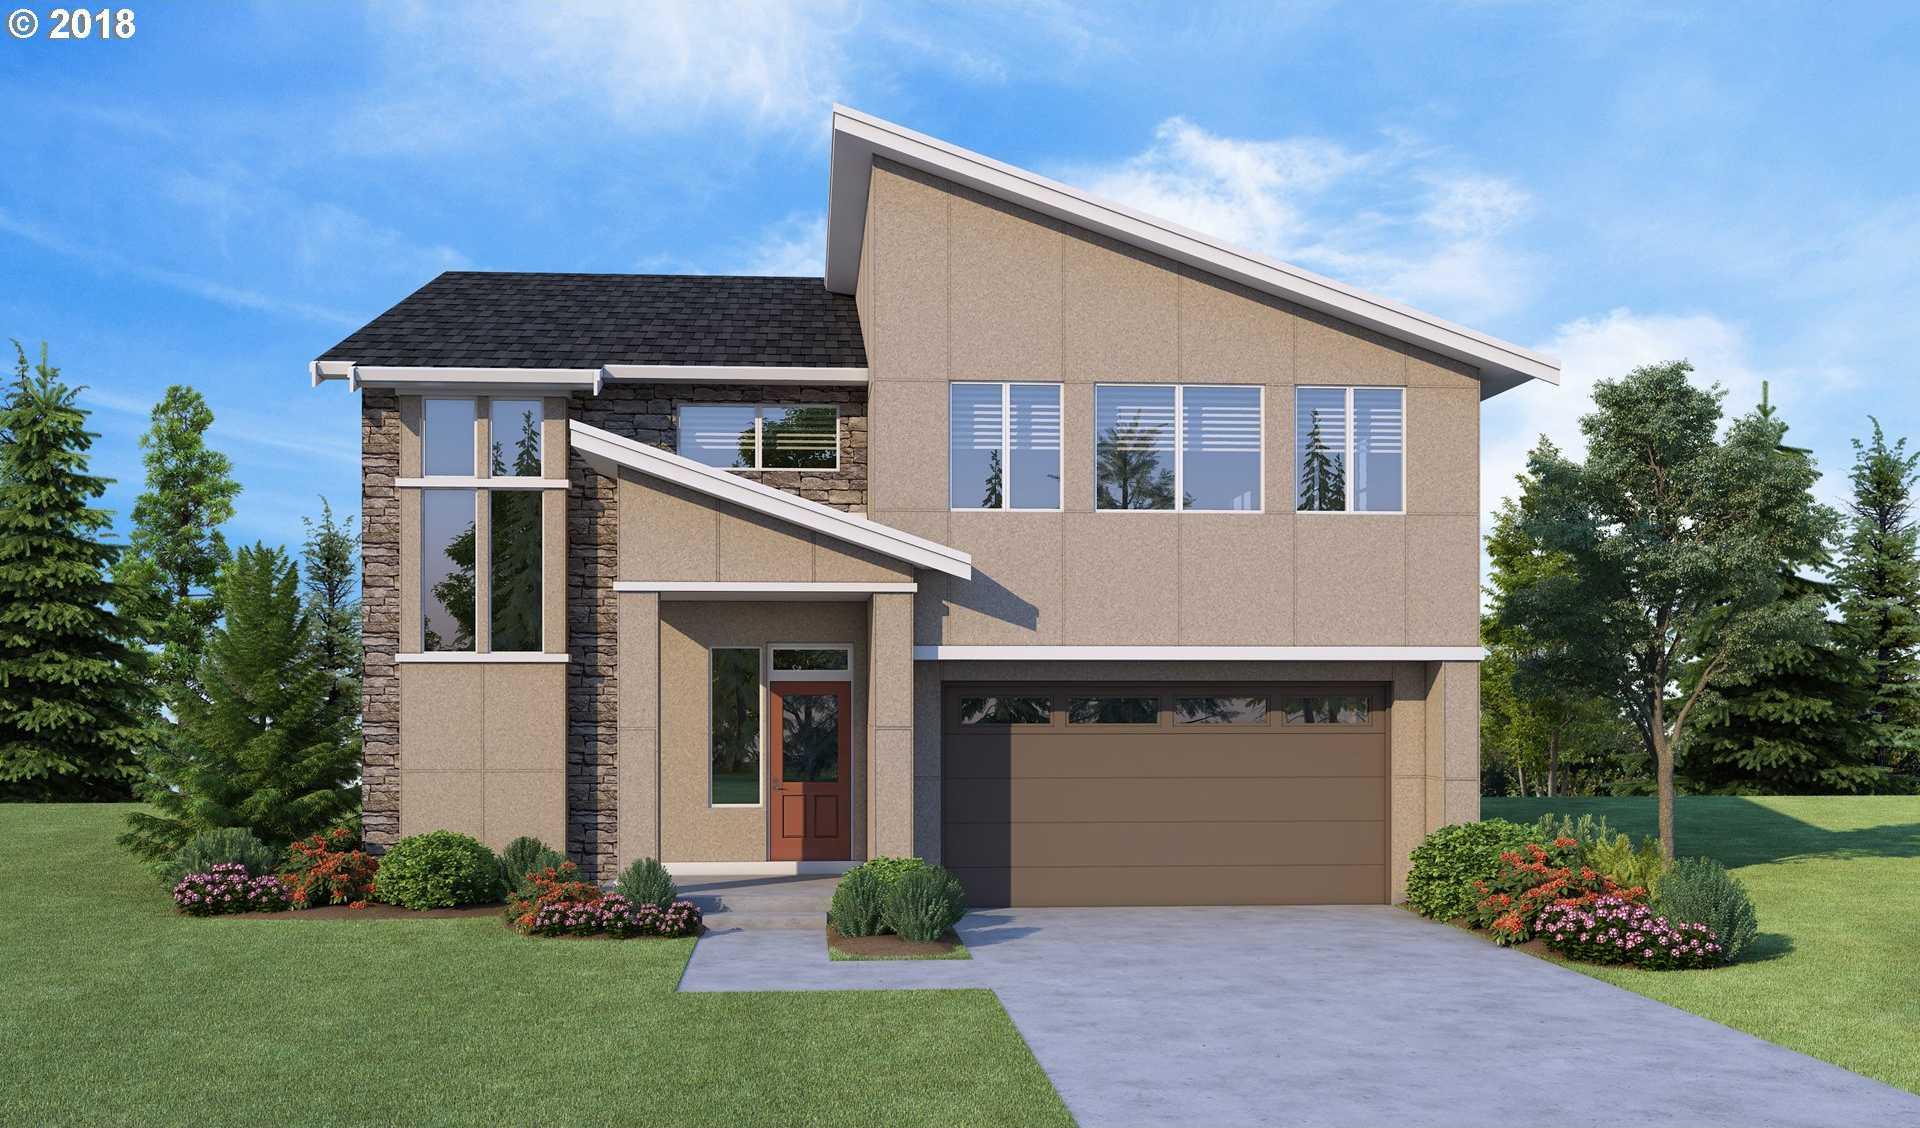 $769,995 - 5Br/3Ba -  for Sale in Kemmer Ridge, Beaverton